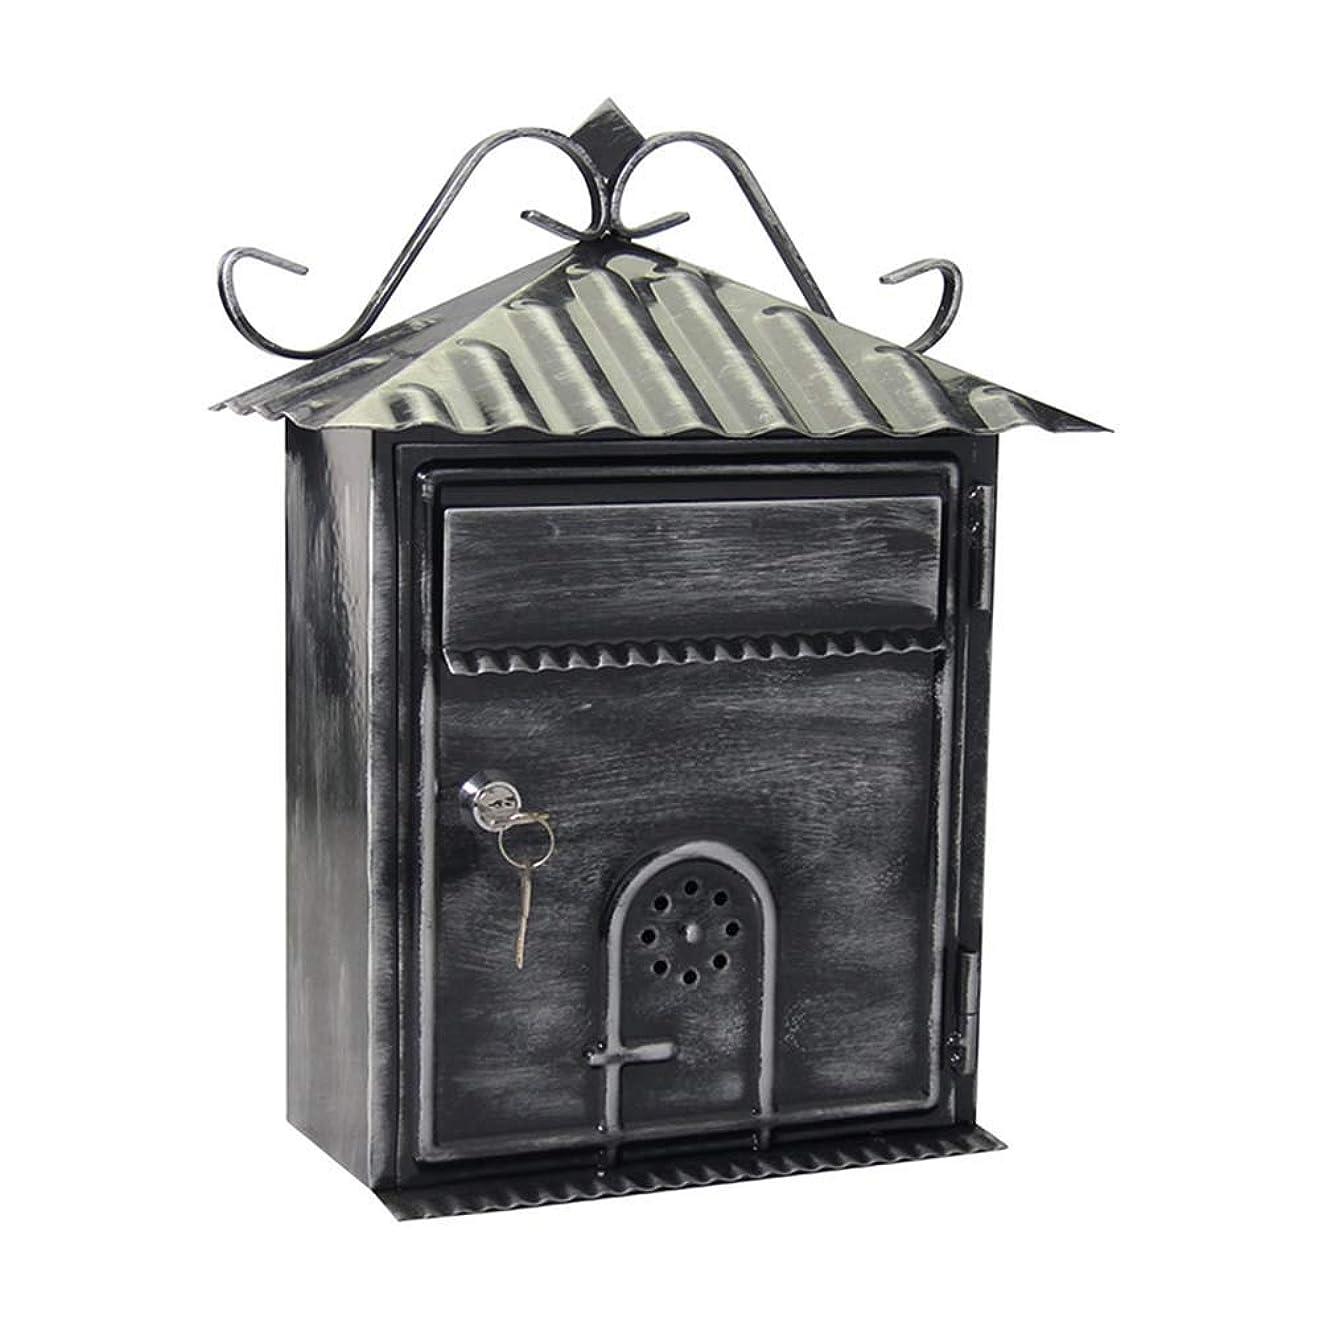 私の背骨ヒューズTINGTING 郵便受けア メールボックス ロック付き ロックが付いている金属のレターボックス2つのキーねじ付属品が付いている防水バッフルの壁の台紙 (色 : ブロンズ, サイズ さいず : 23*12*33cm)